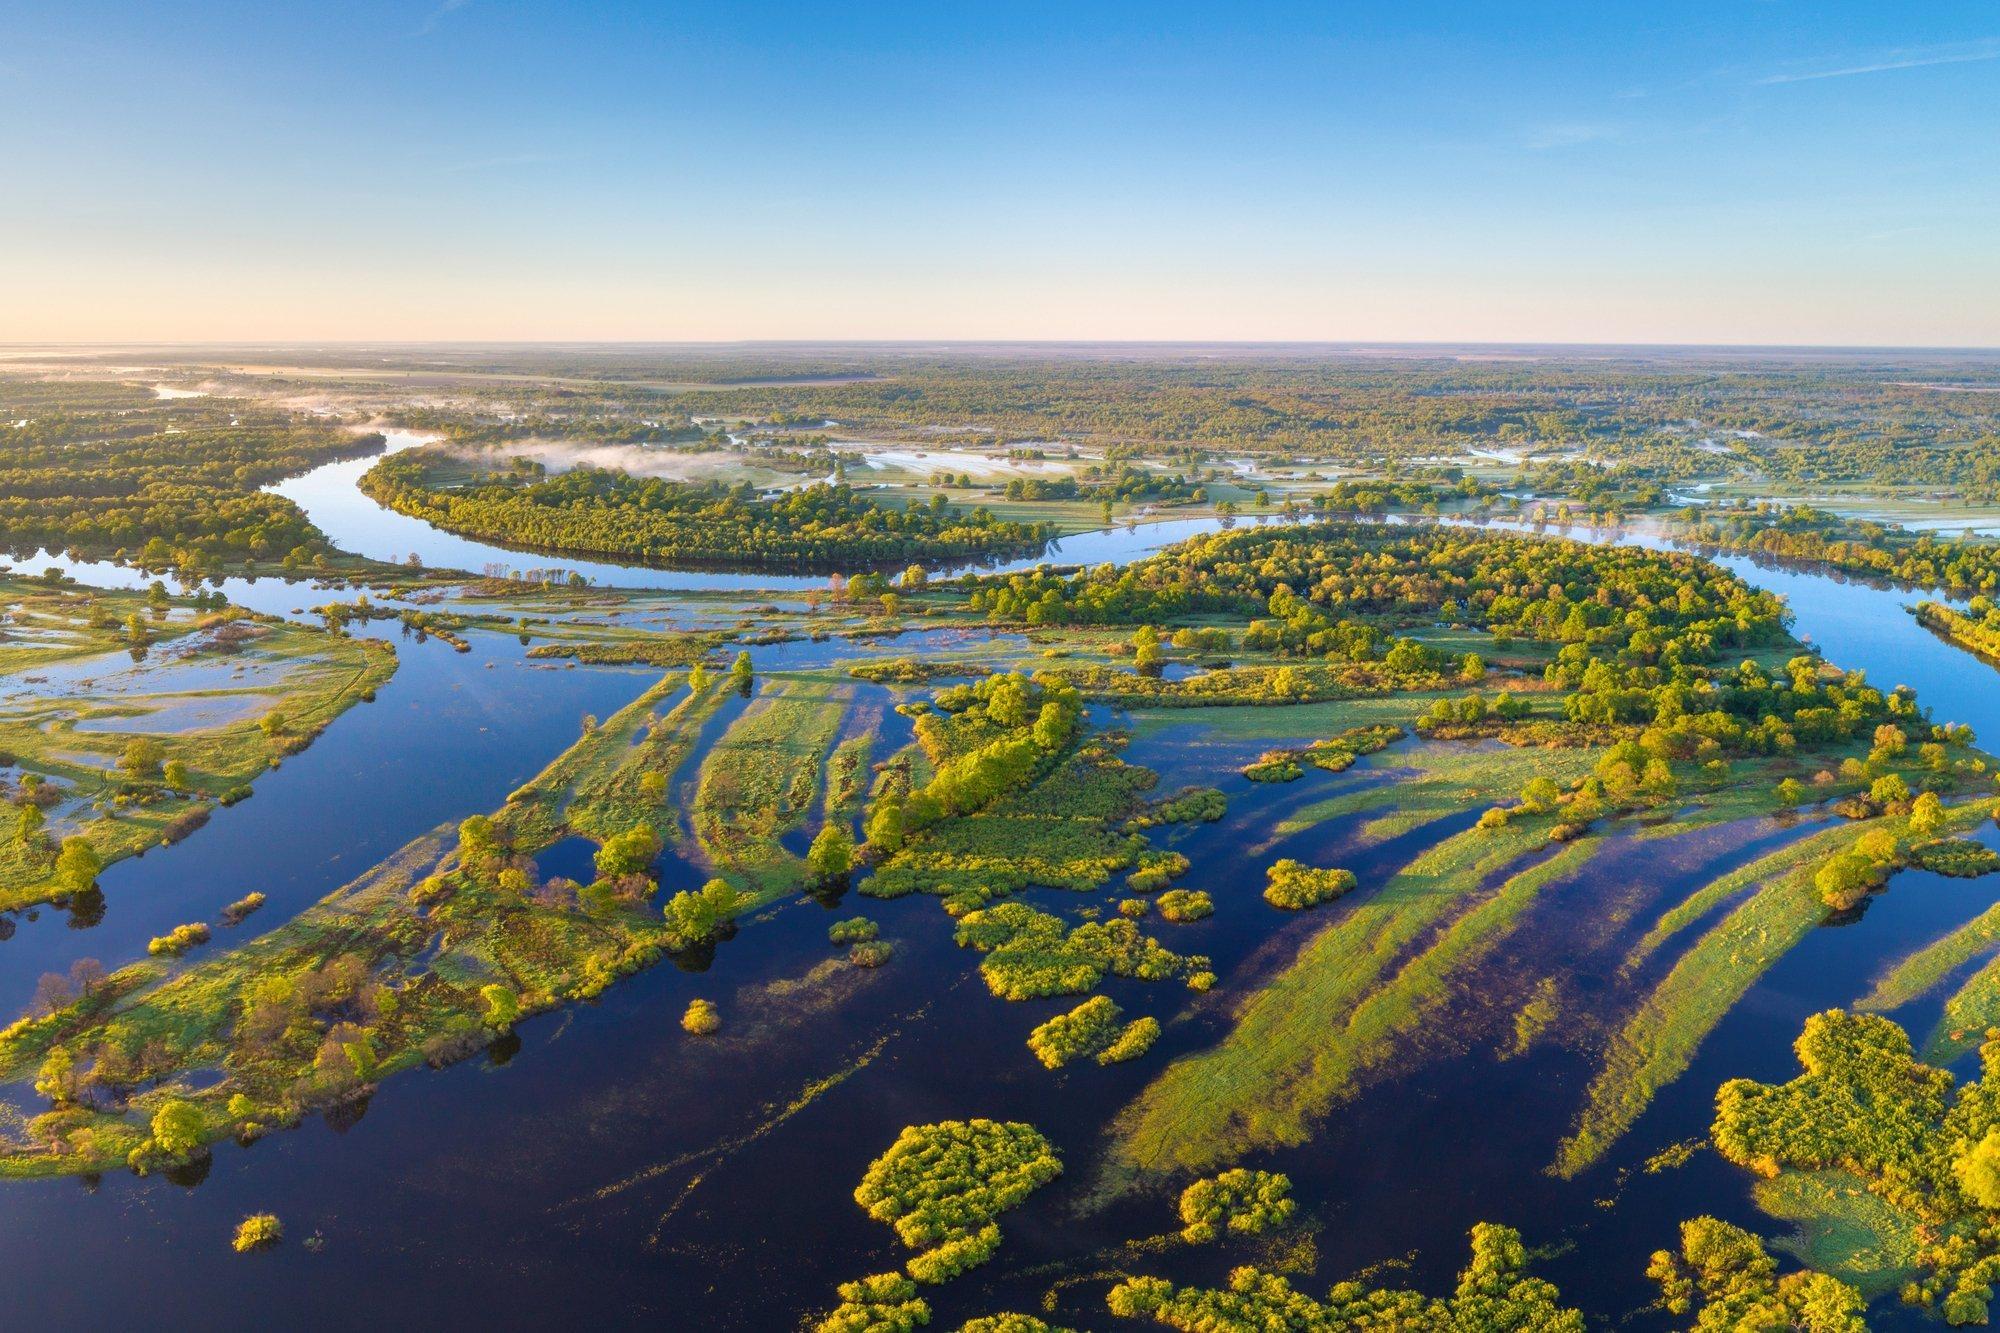 Ein Fluss ist über die Ufer getreten. Das Wasser überschwemmt die angrenzende Auenlandschaft.